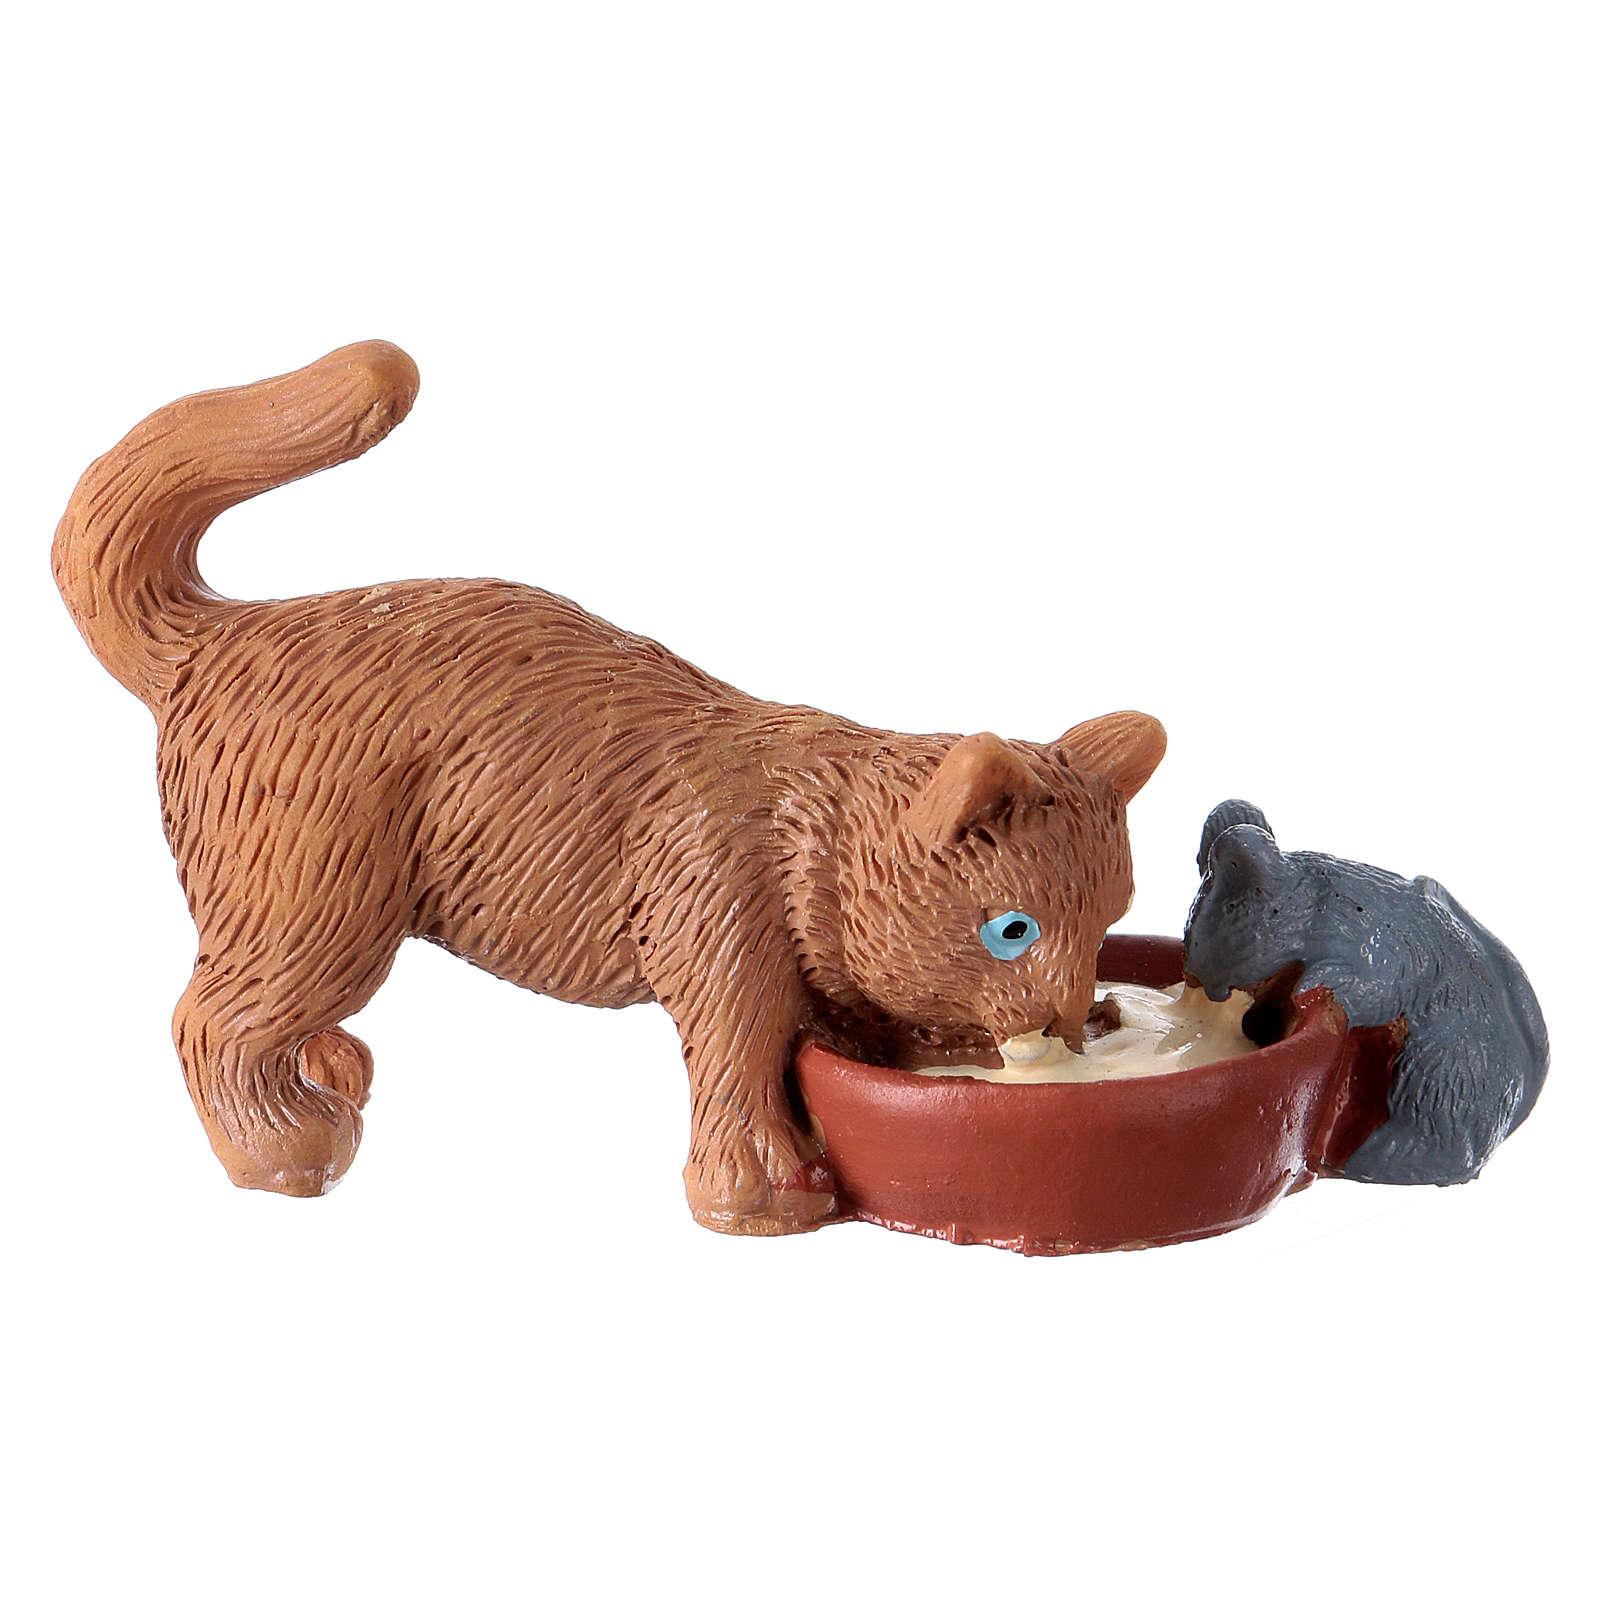 Gatto con topo h 10-12 cm resina per presepe 3